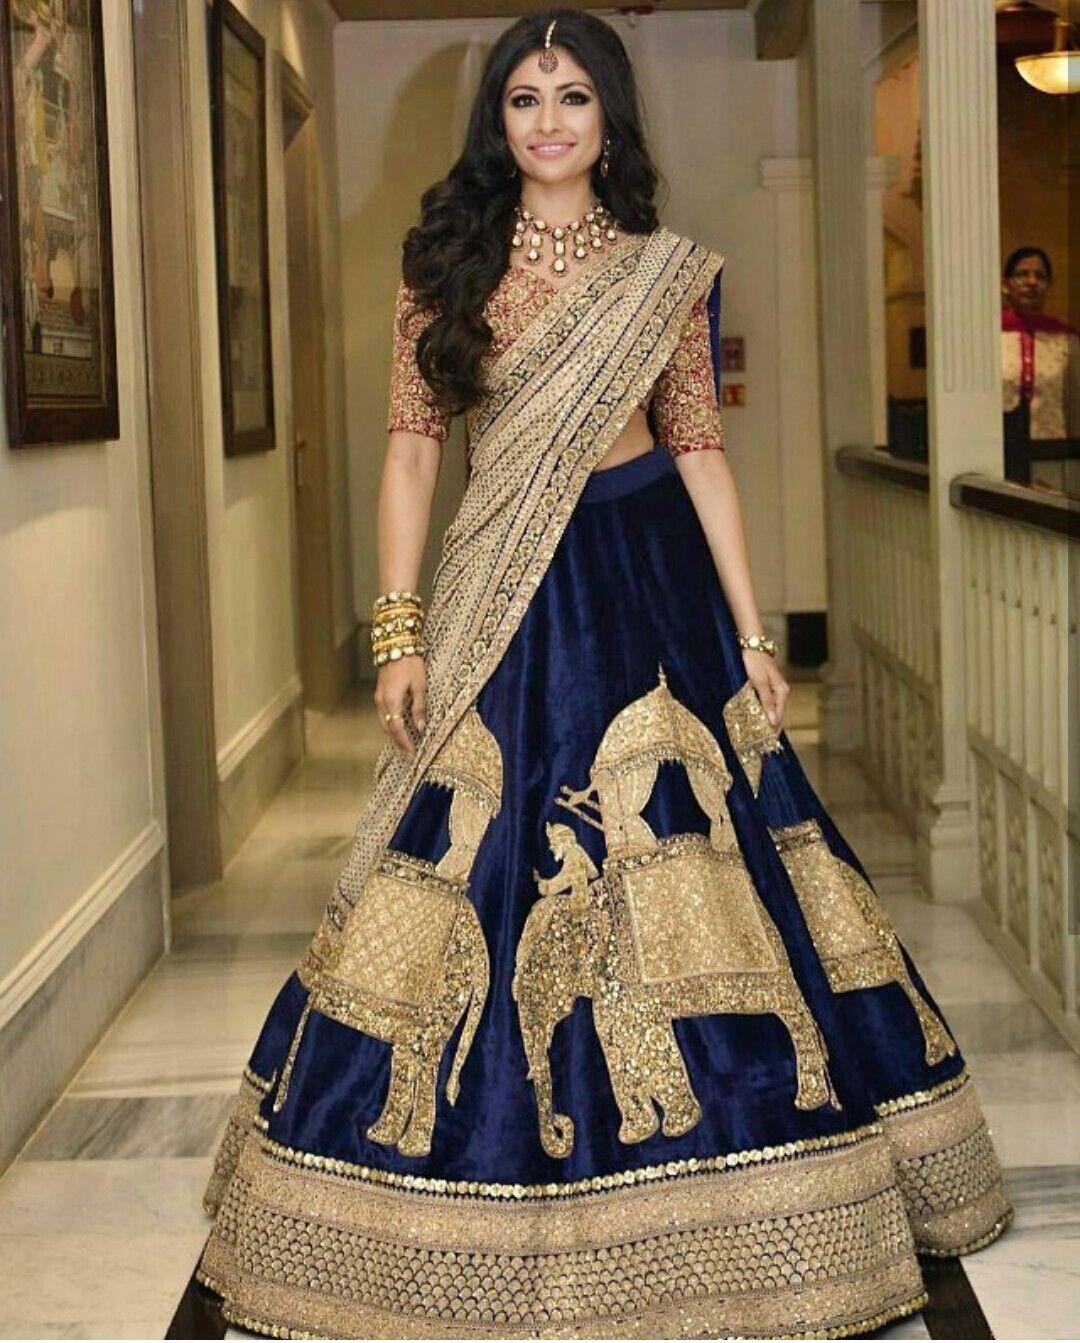 e9f09a9e5f Sabyasachi lehenga #blue #royal#elephant motives #bridal ...